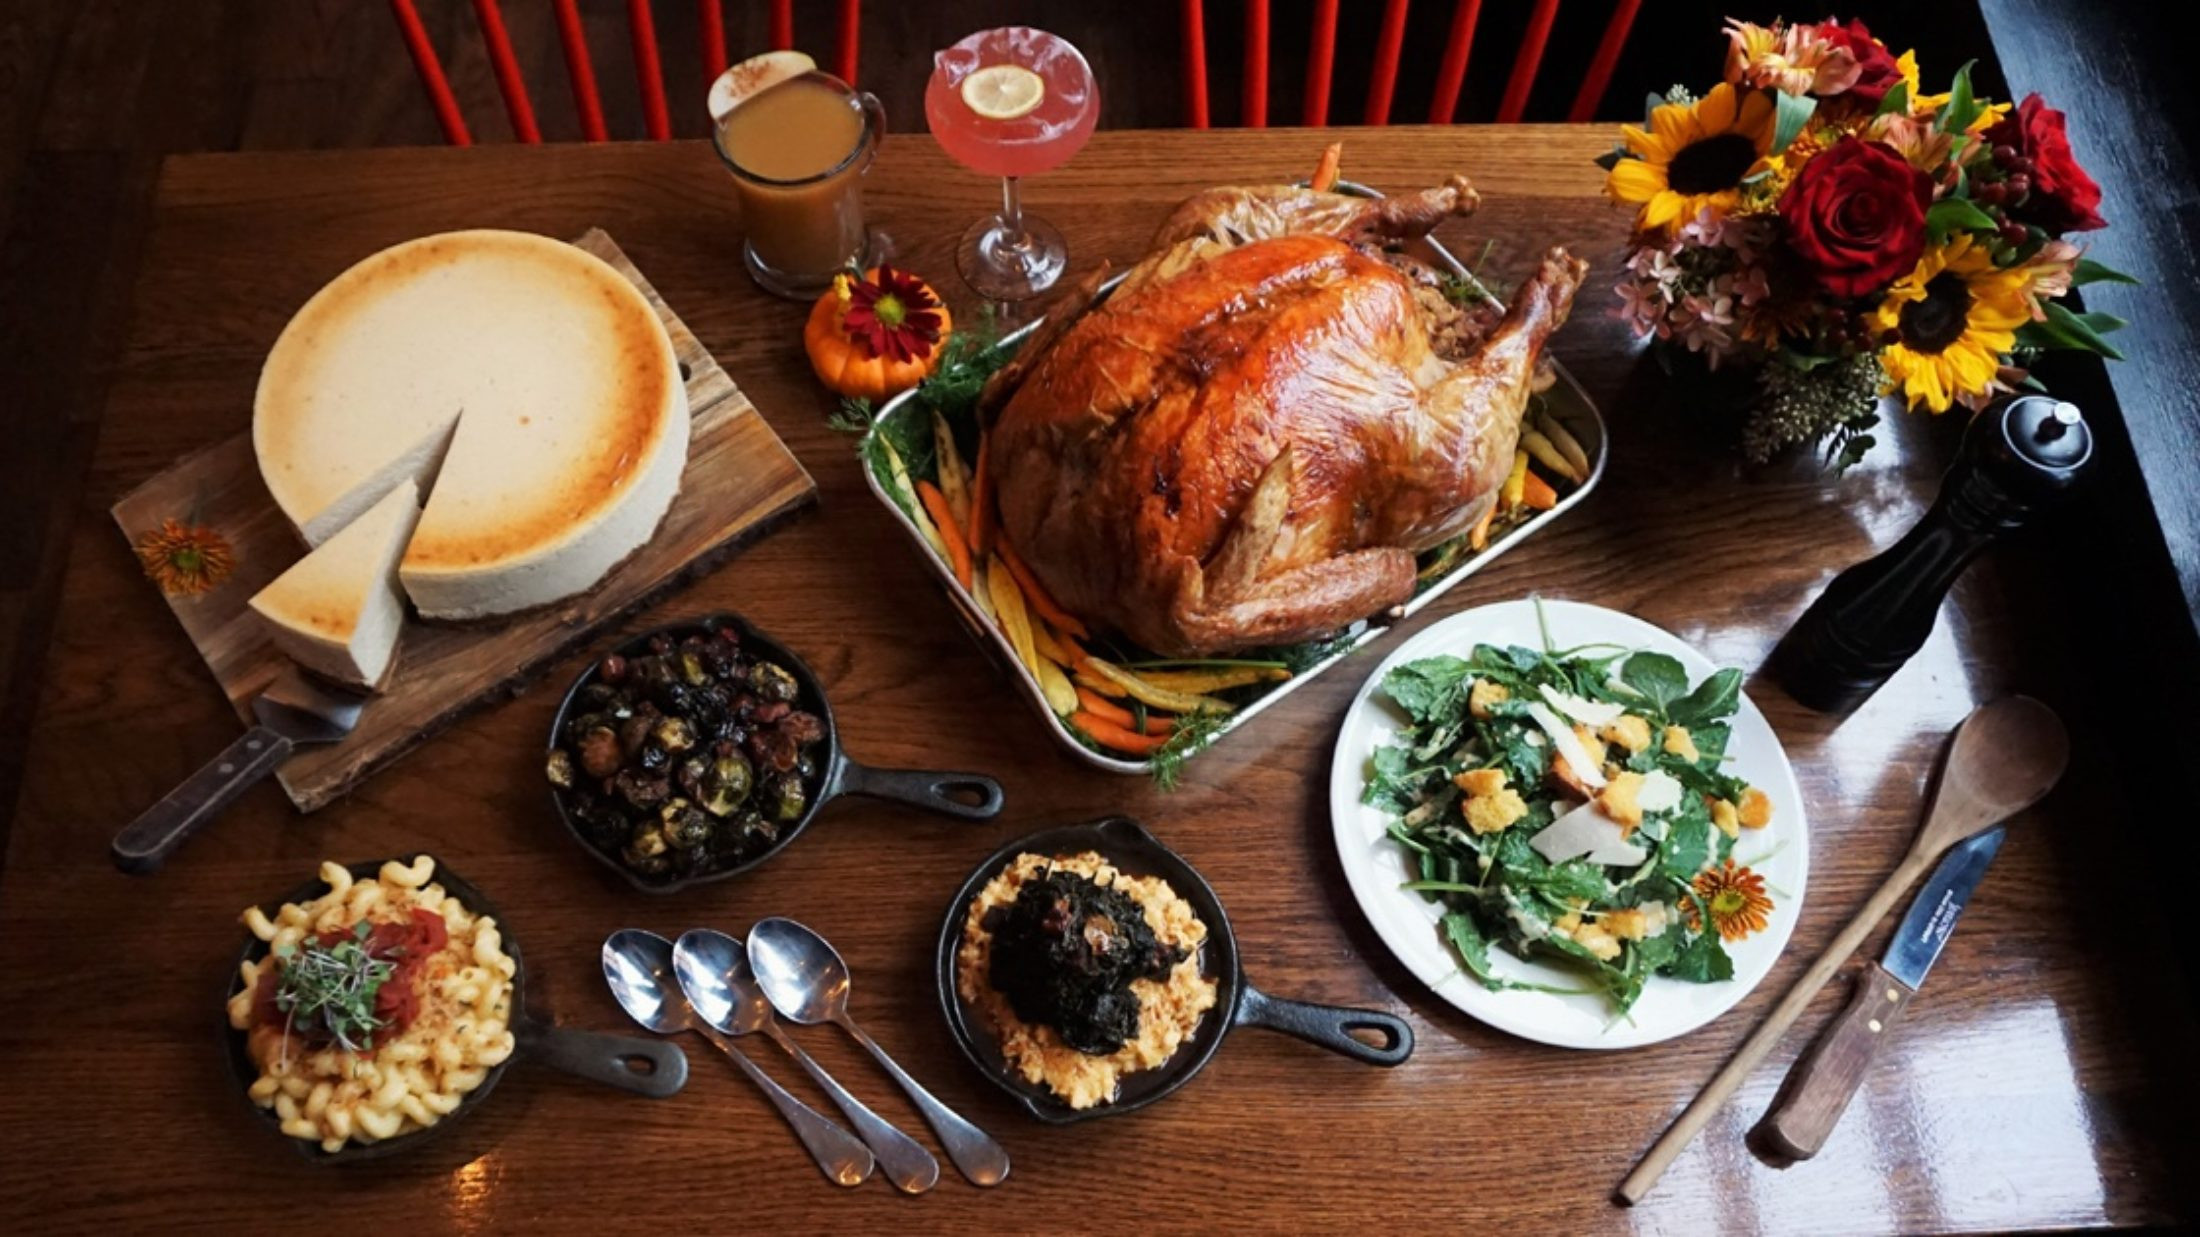 Festival Foods Thanksgiving Dinners  Thanksgiving Dinner at Philadelphia Restaurants 2017